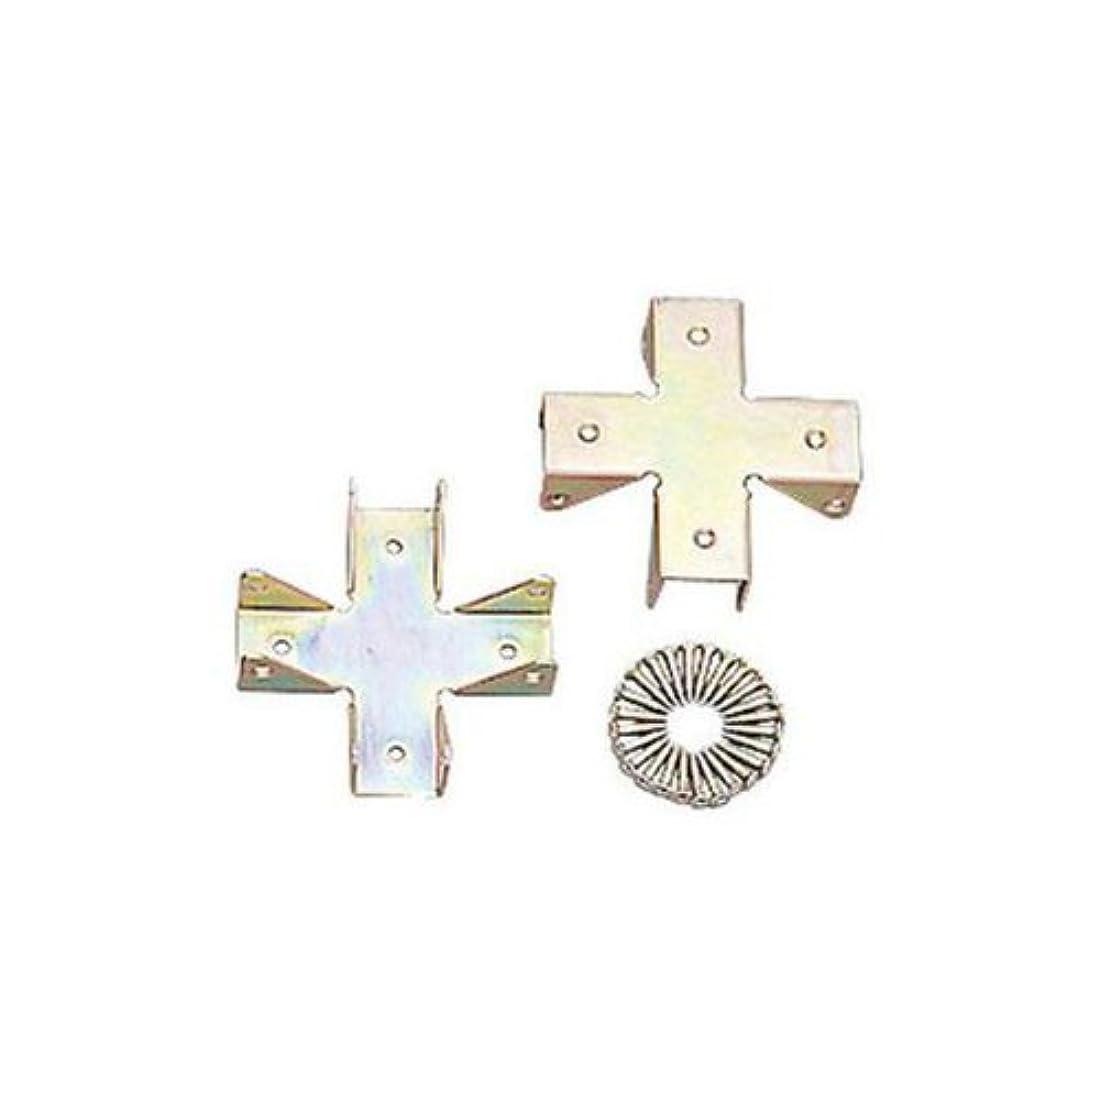 方言特異な地下アイリスオーヤマ ボード用 金具 十字キャップ 2個 Z-18XC